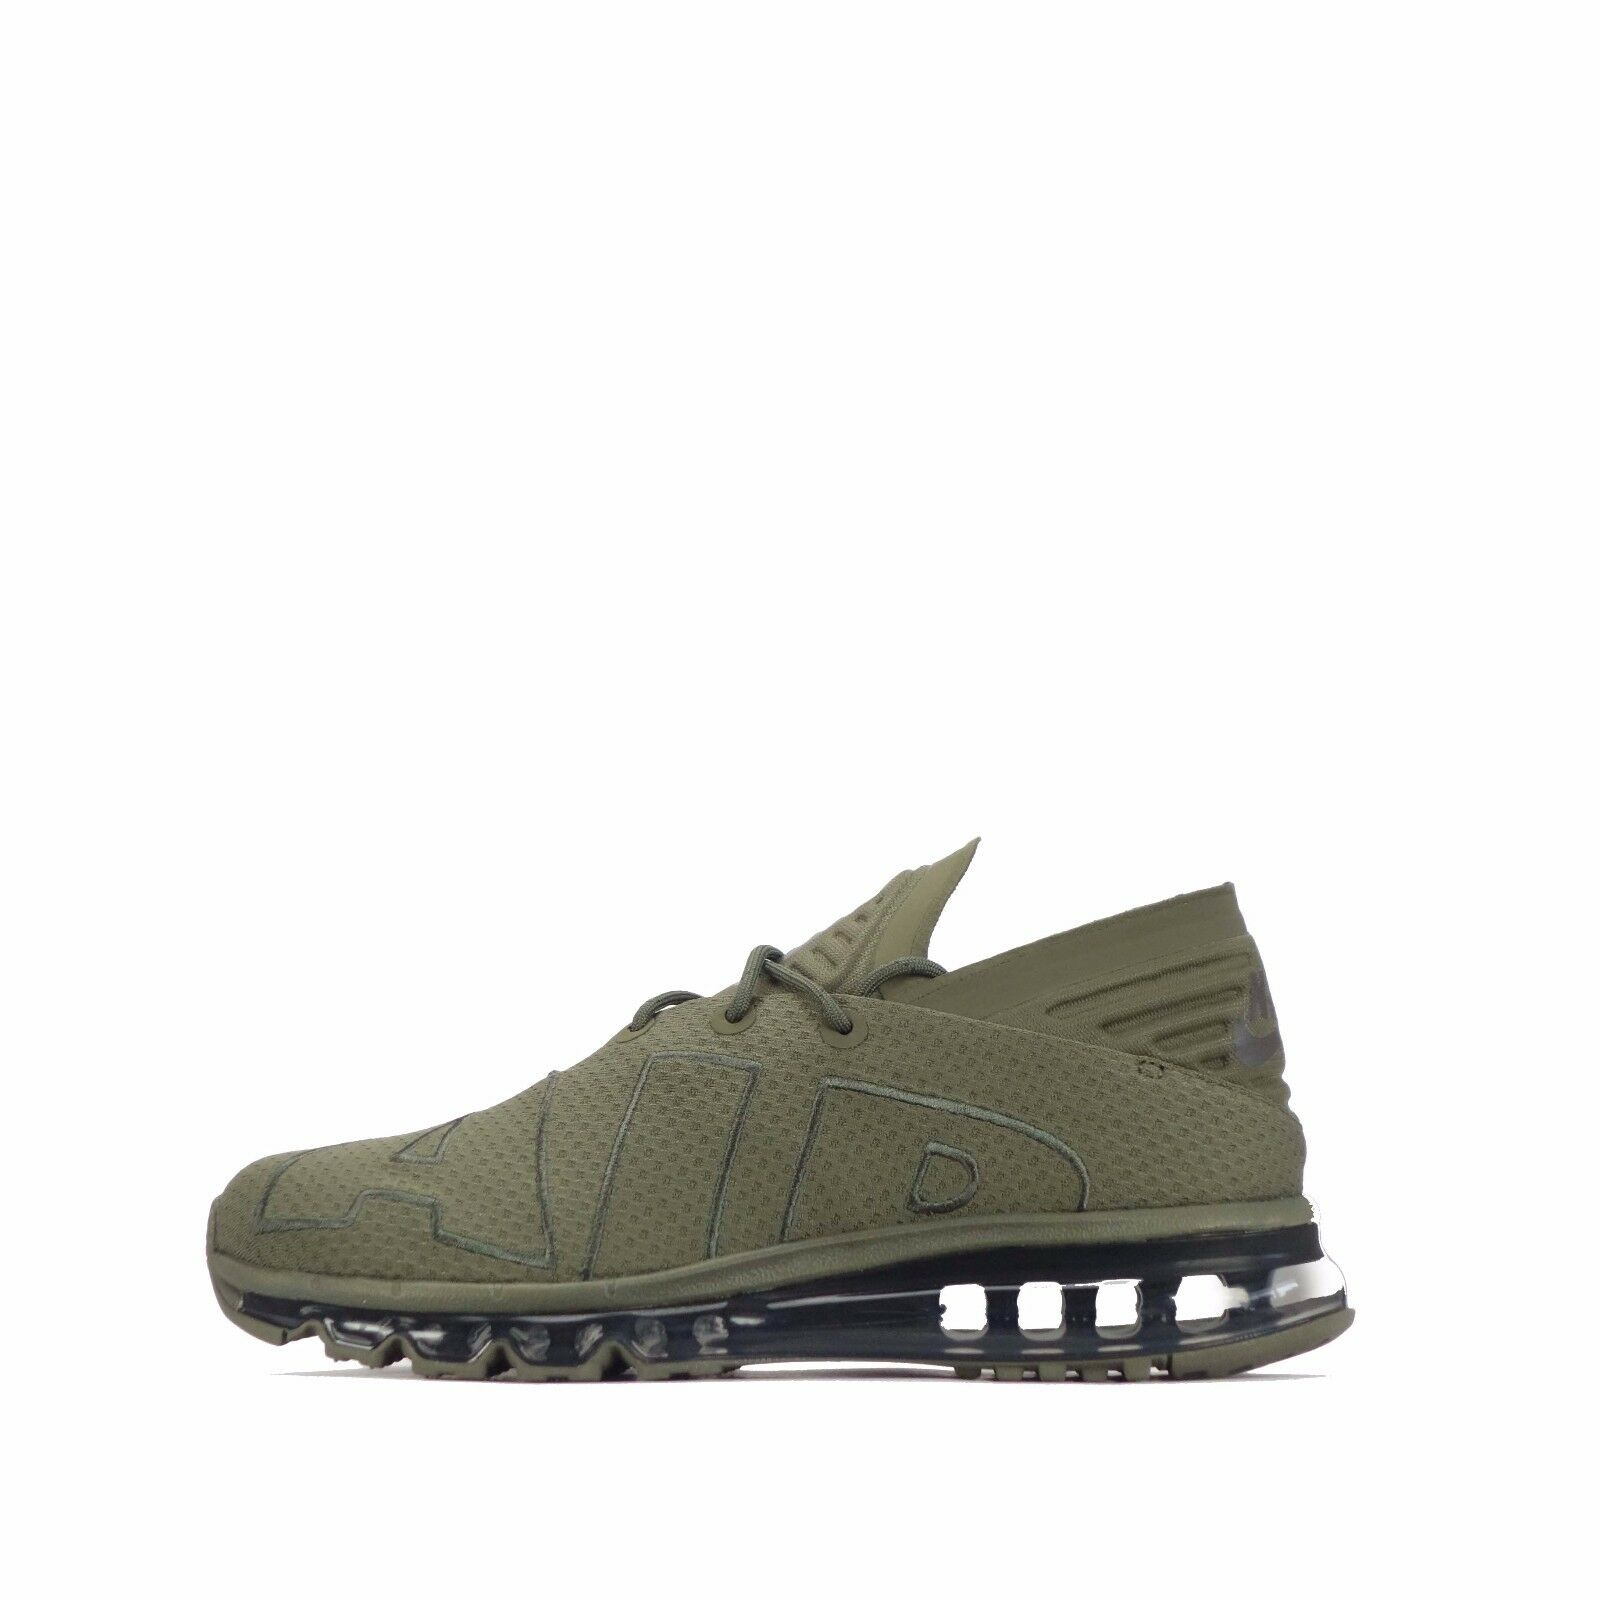 Nike air pegasus a / t uomini scarpe 924469 002   17n